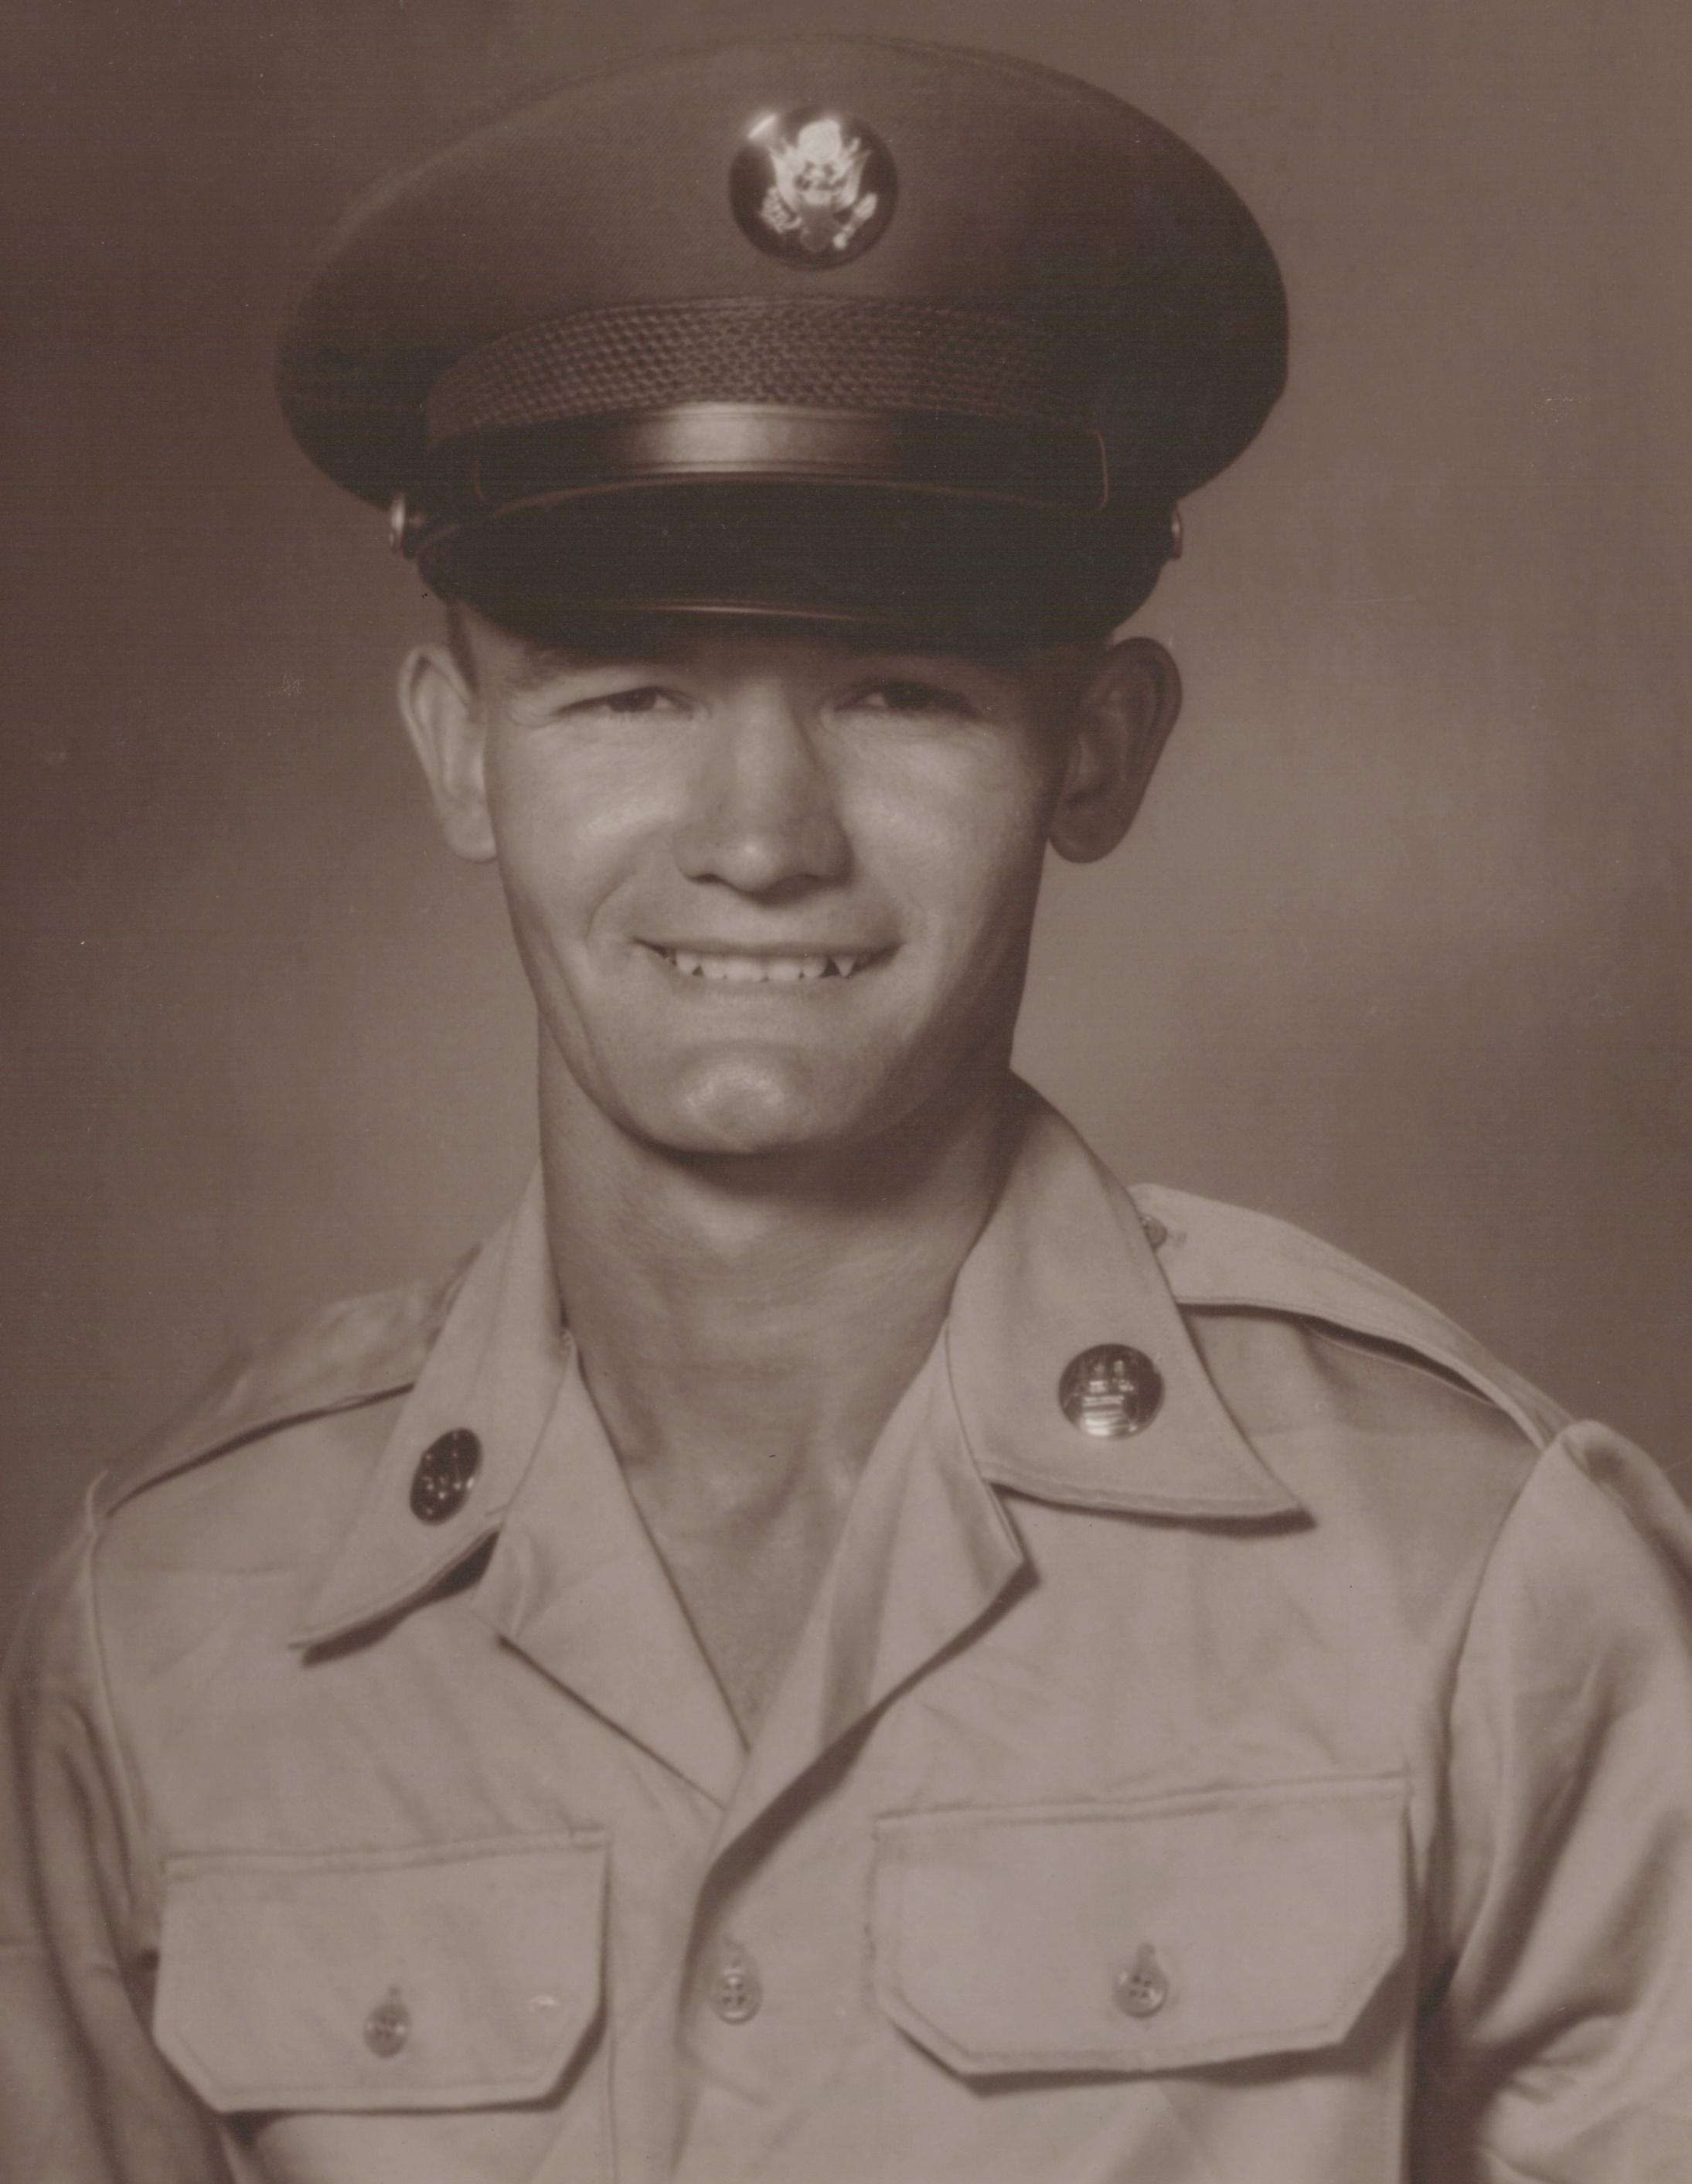 Richard Suva, age 72, of Dodge, Nebraska